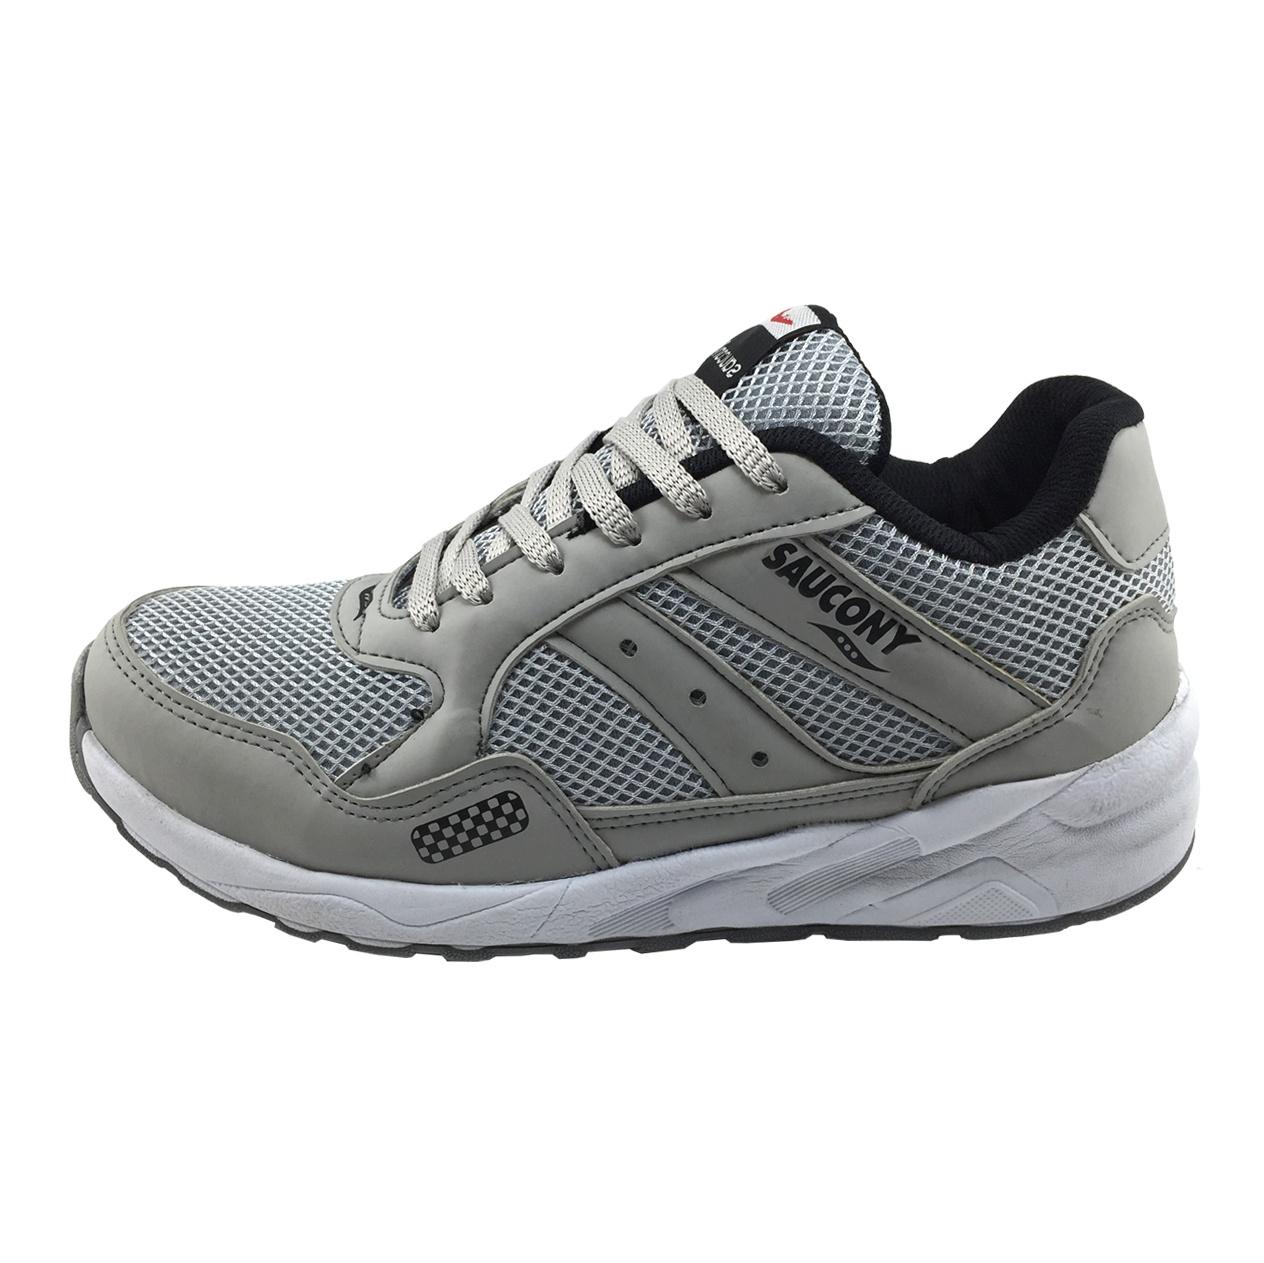 کفش ورزشی مردانه مدل B172 رنگ طوسی